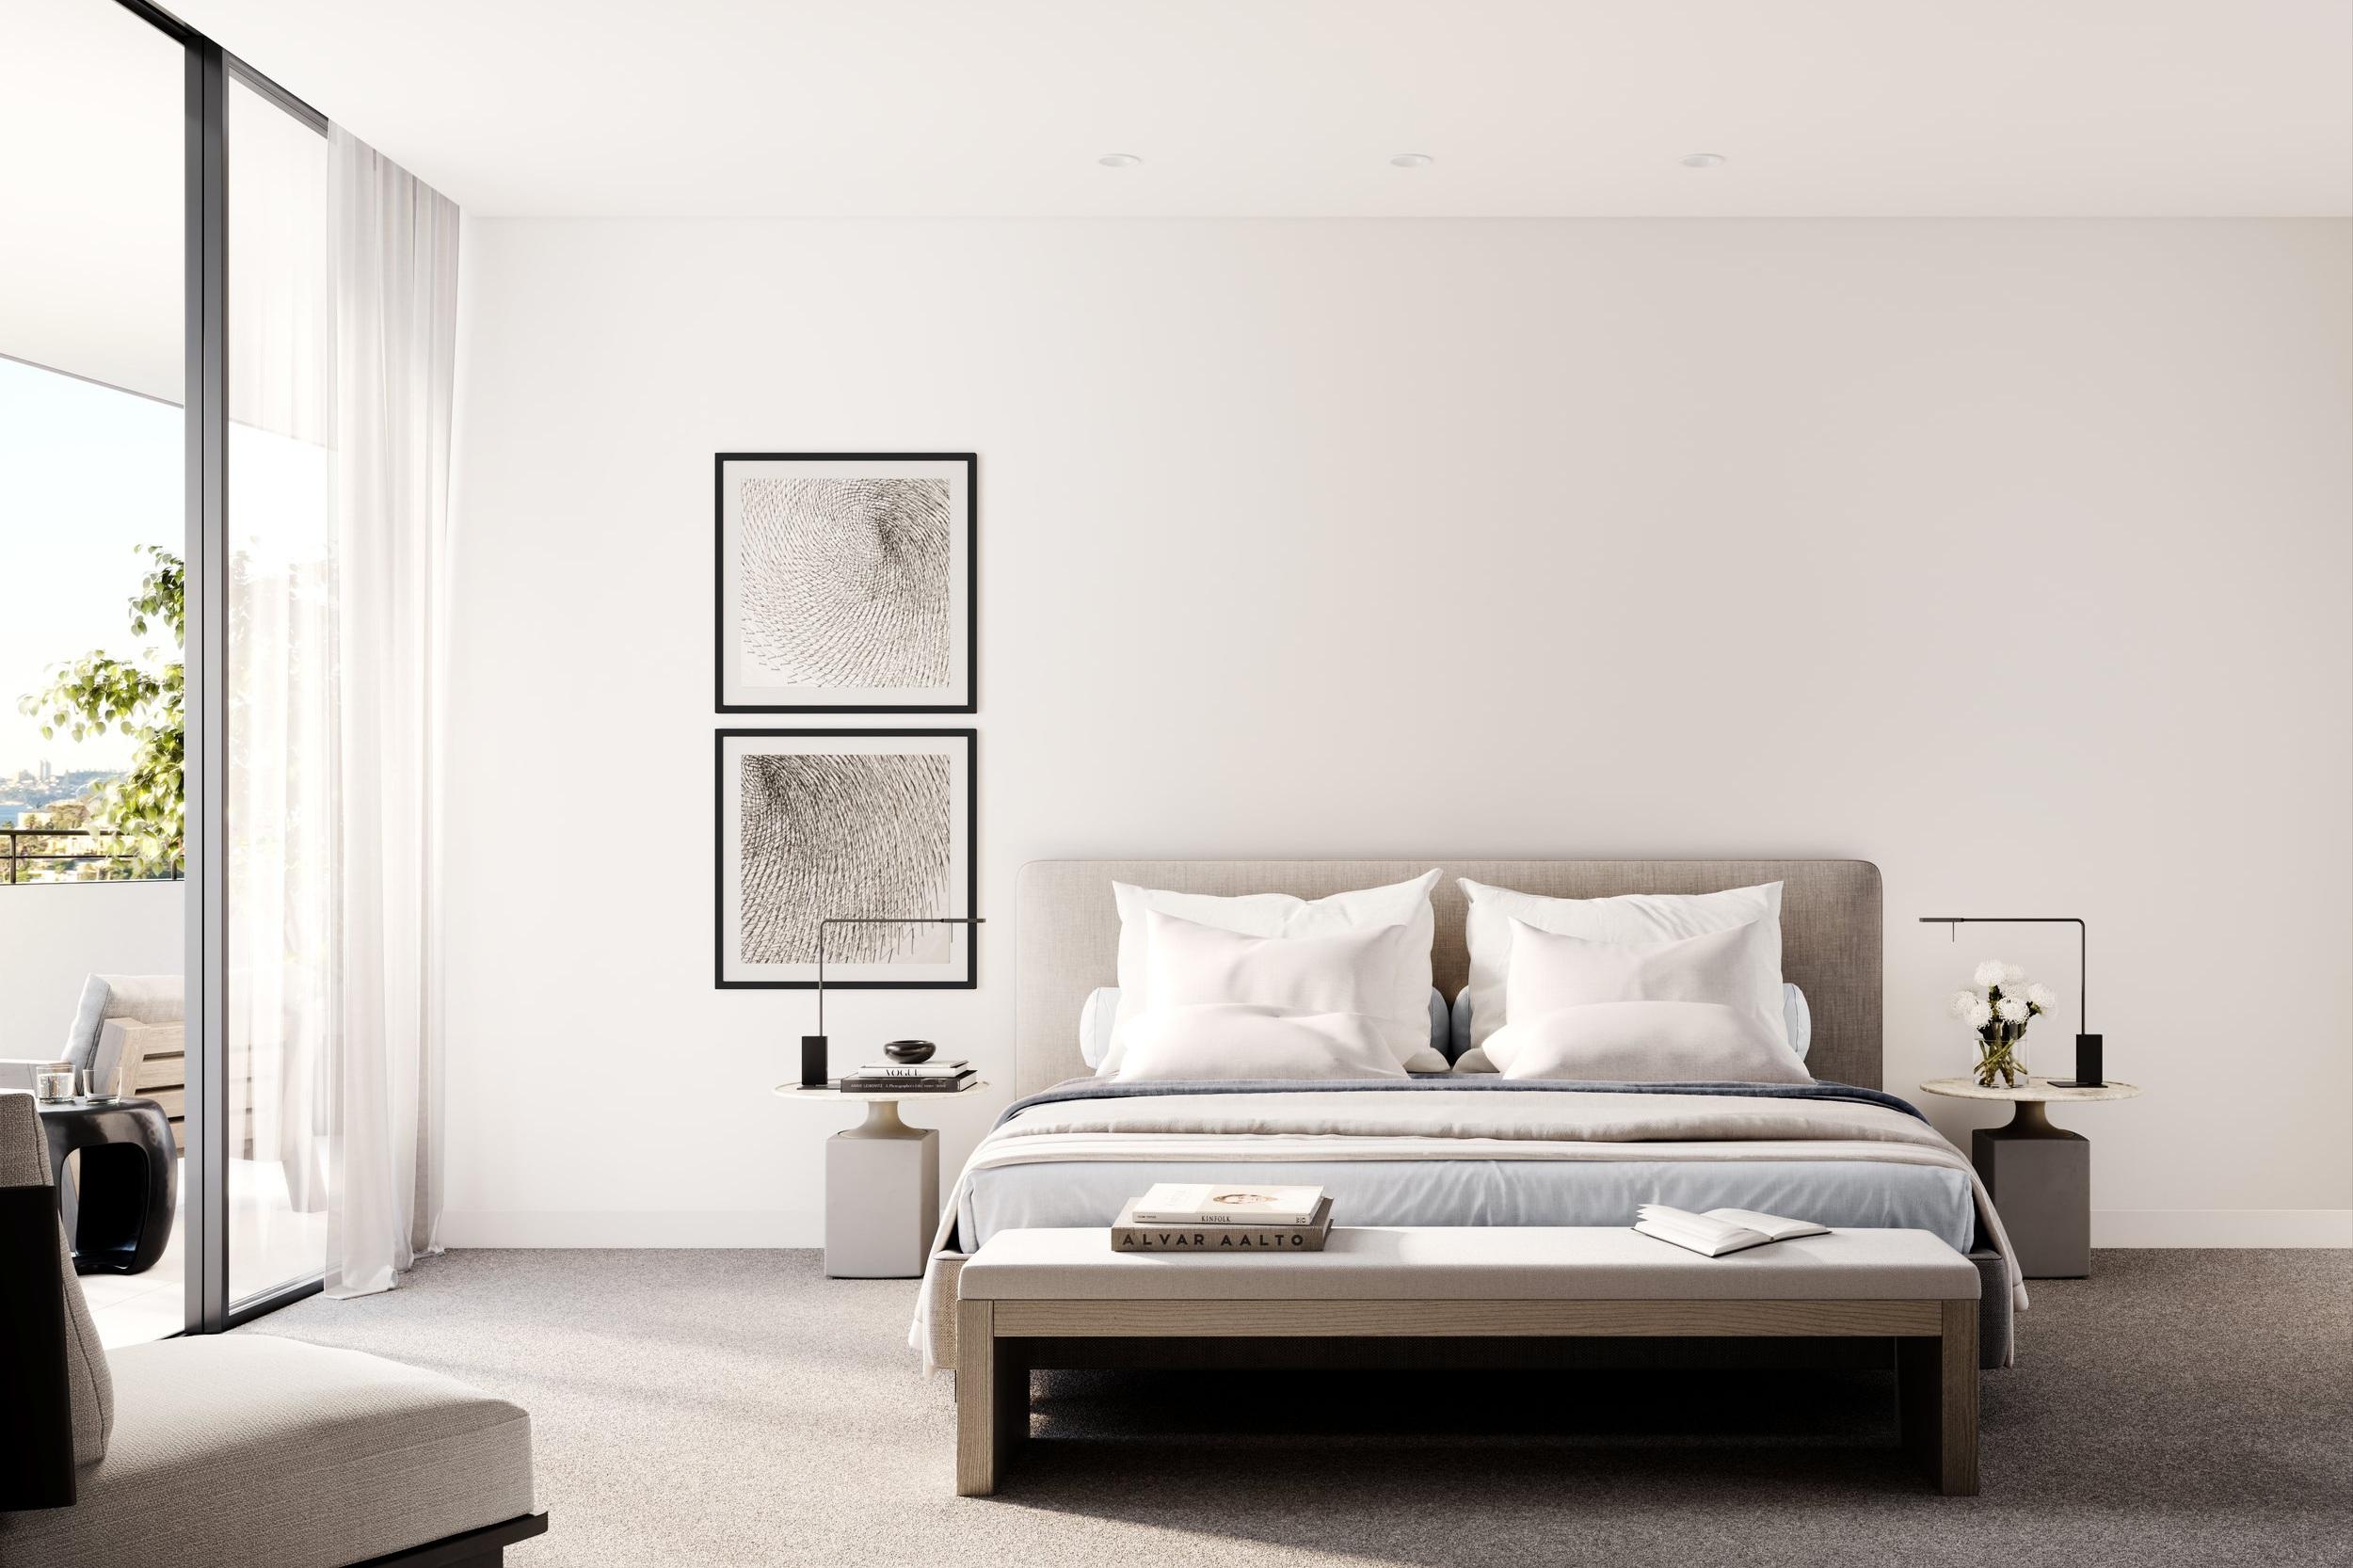 Double Bay_INT04_Bedroom.jpg